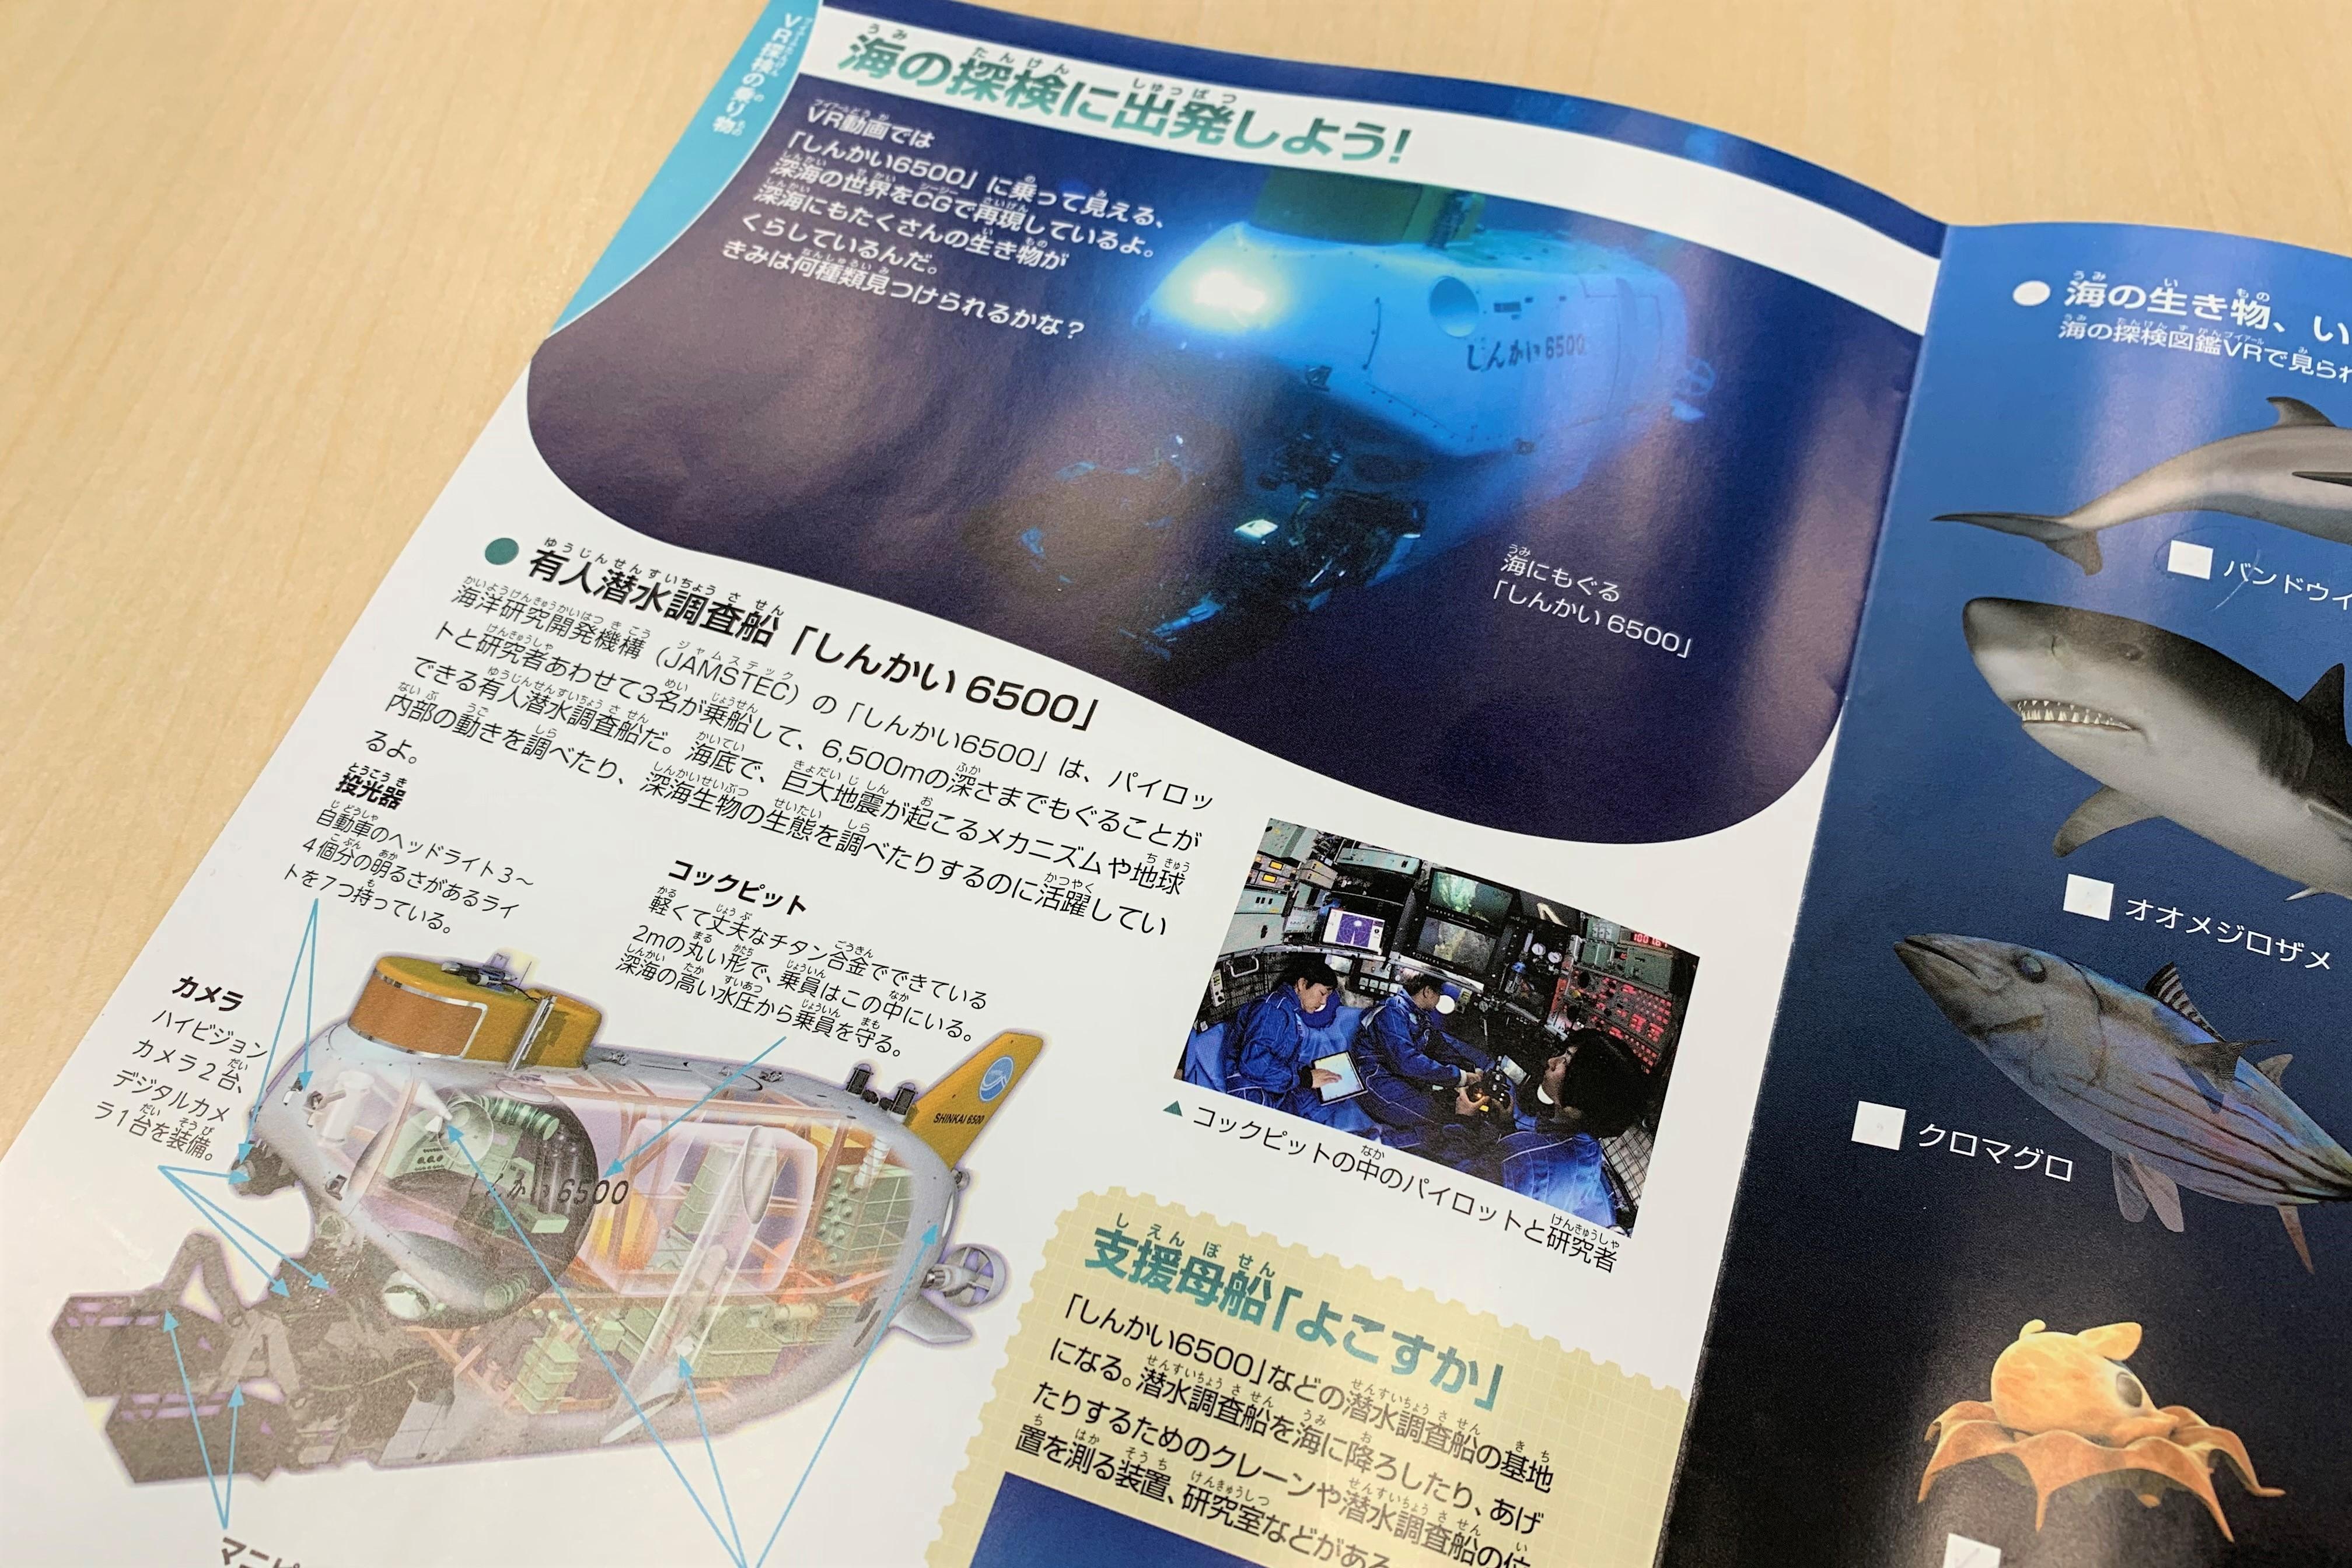 有人潜水調査船「しんかい6500」のひみつを紹介 紙面